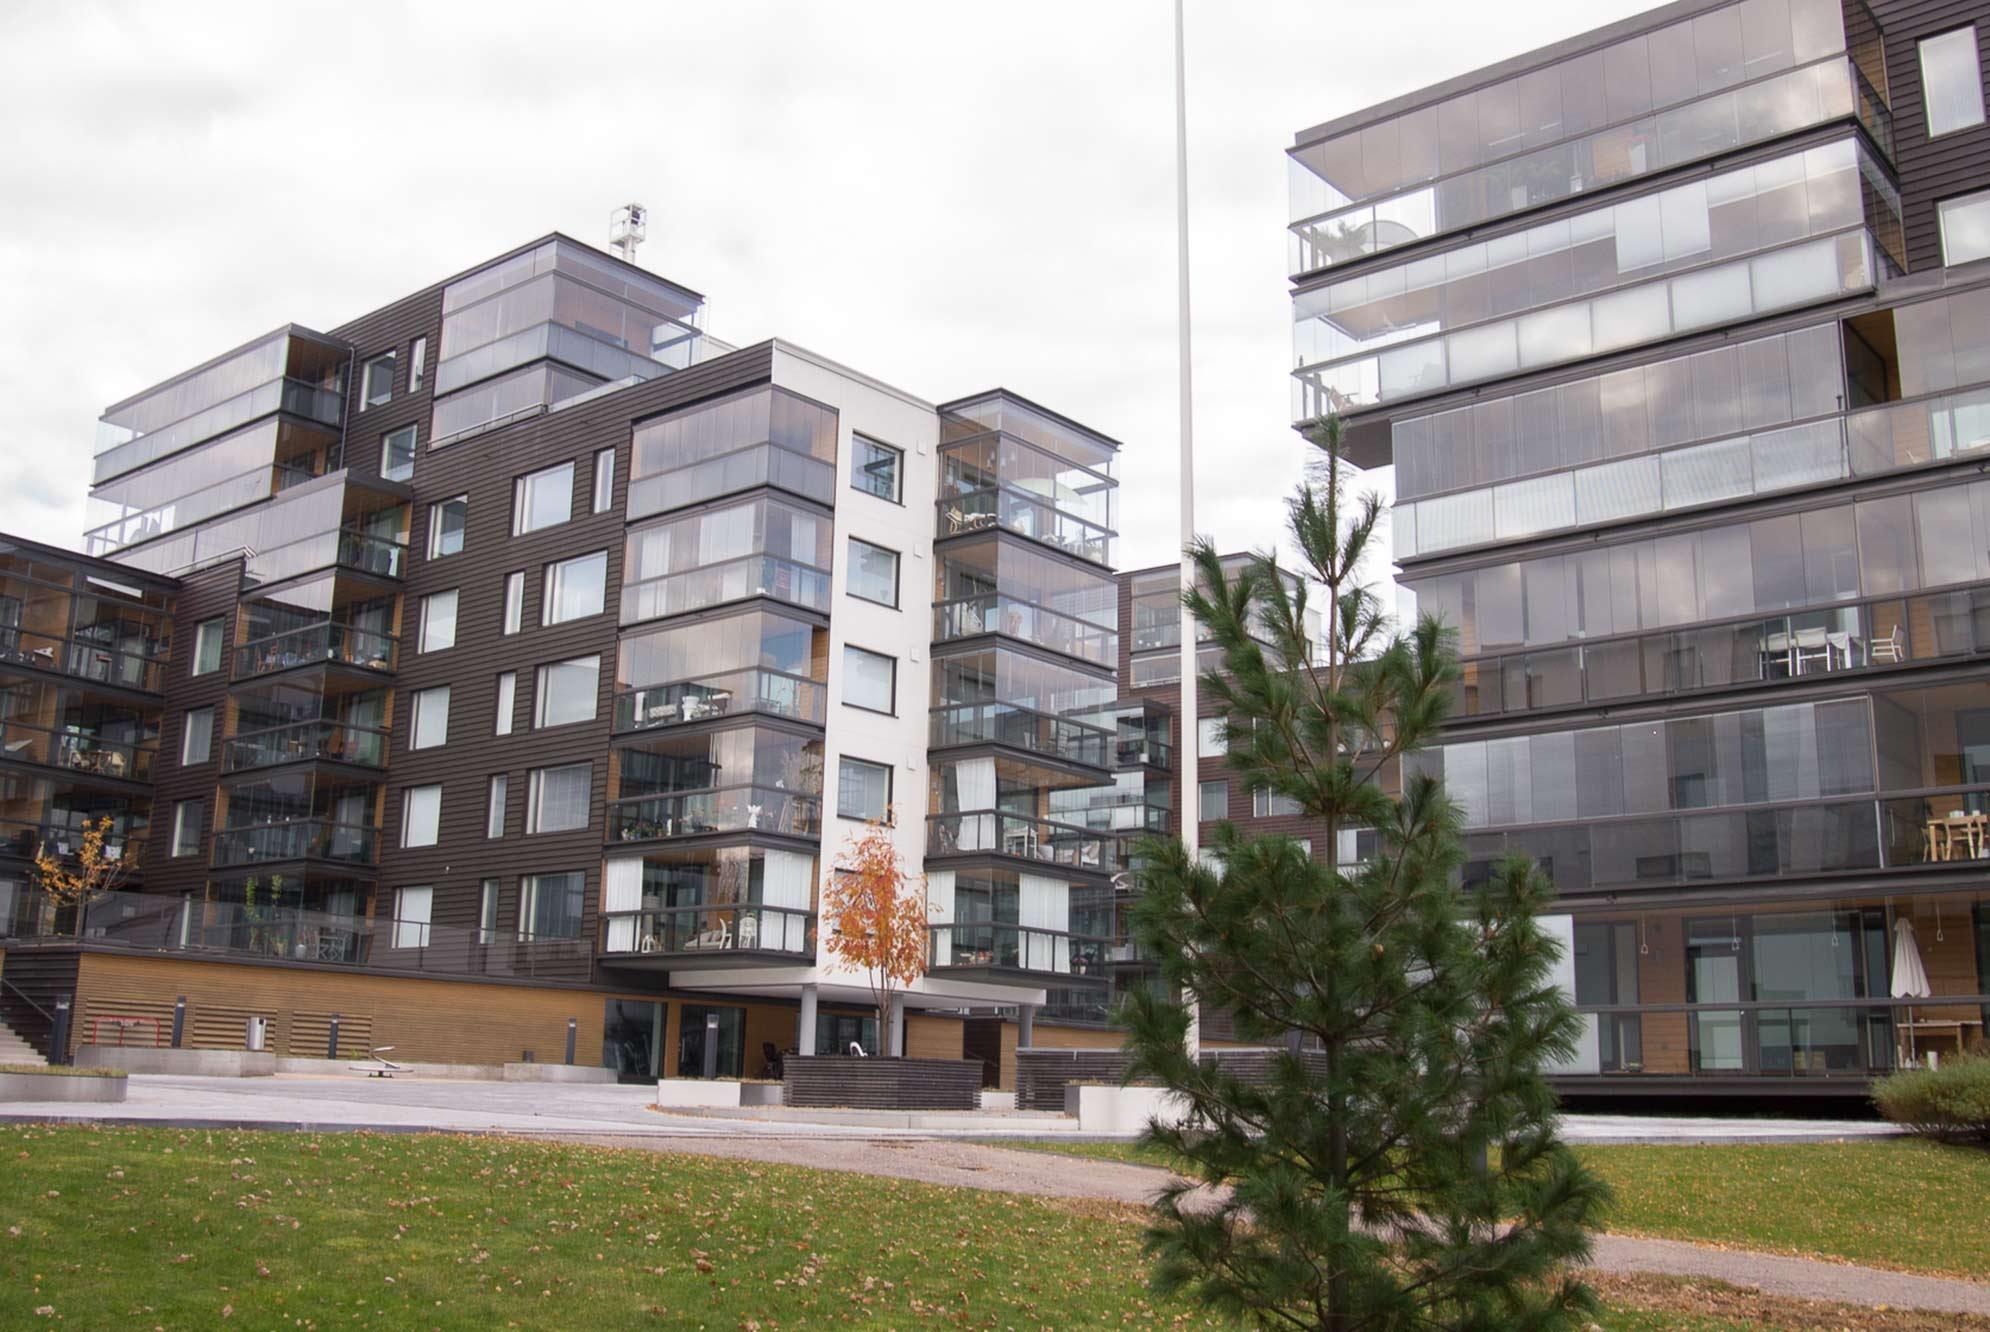 edificios-acristalados-Lumon-norte-europa-6